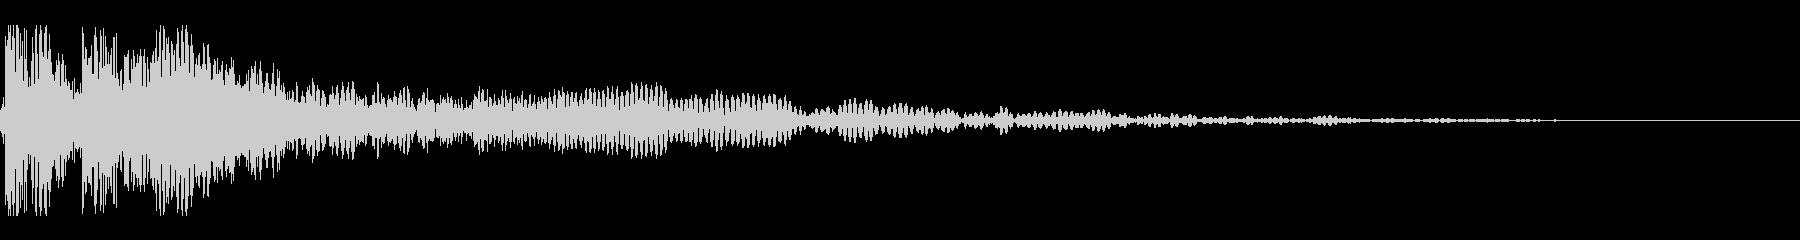 ドゥーン(敵が消滅する音)の未再生の波形